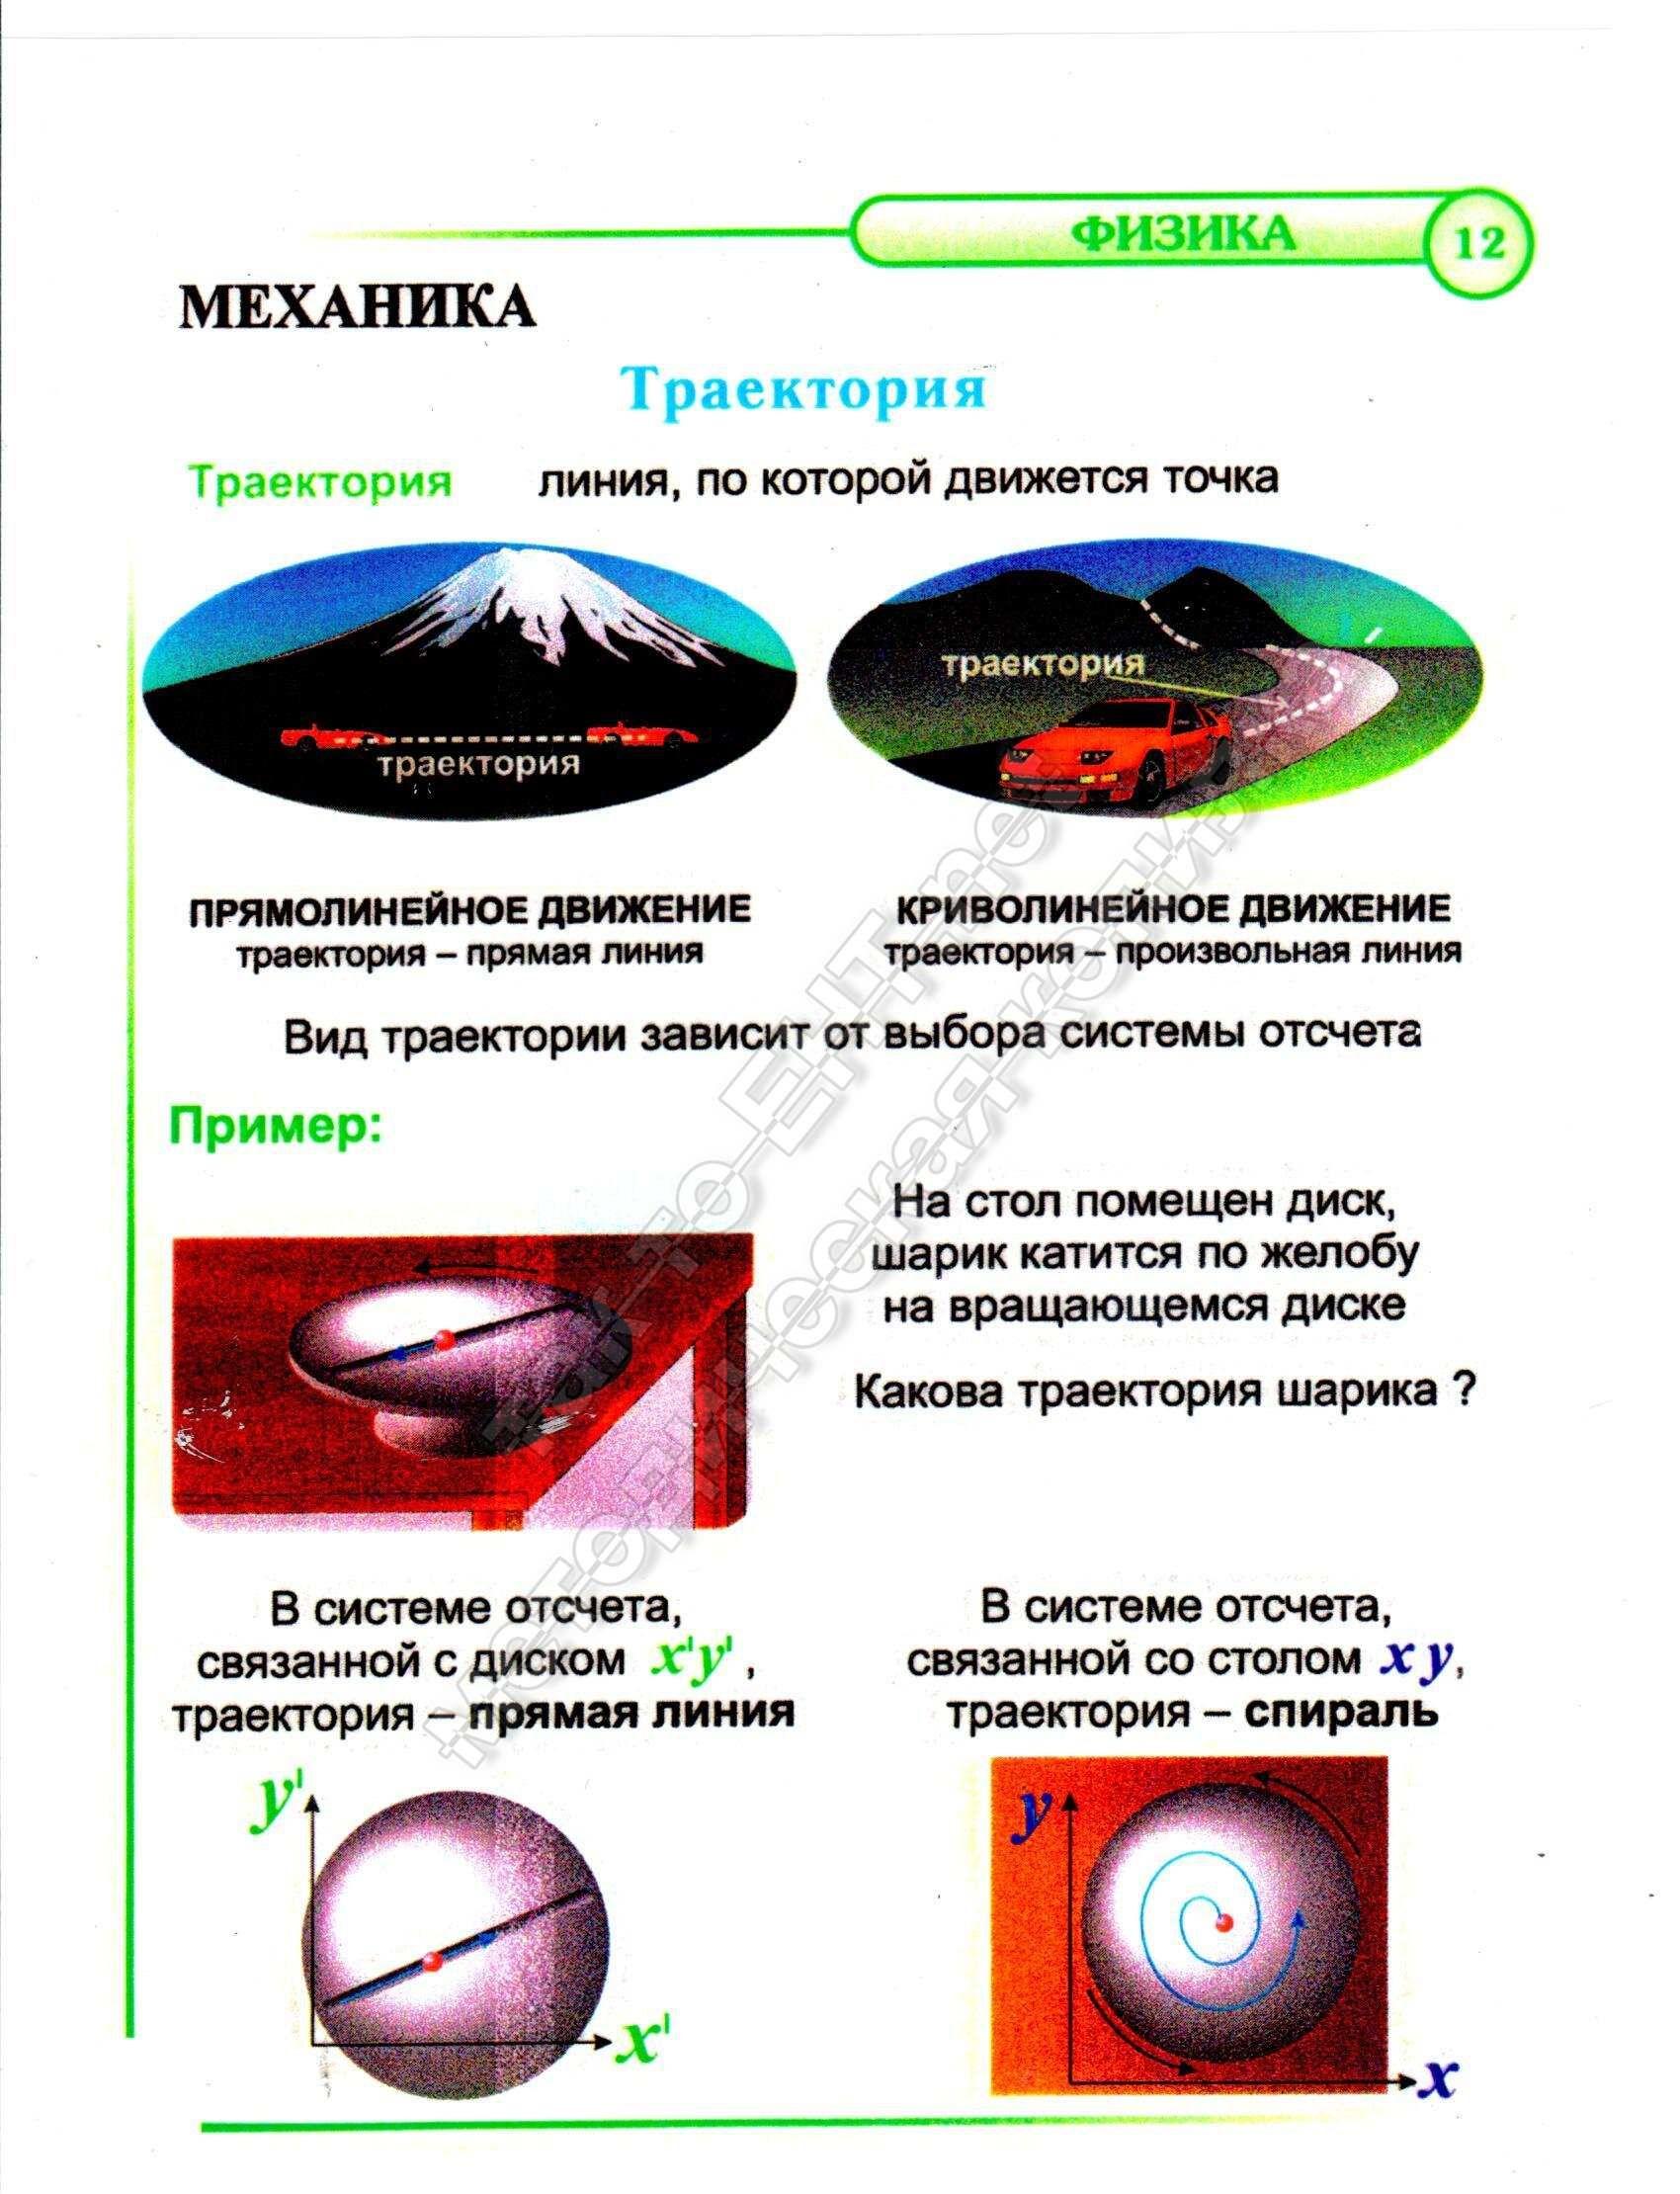 12 Траектория (механика)